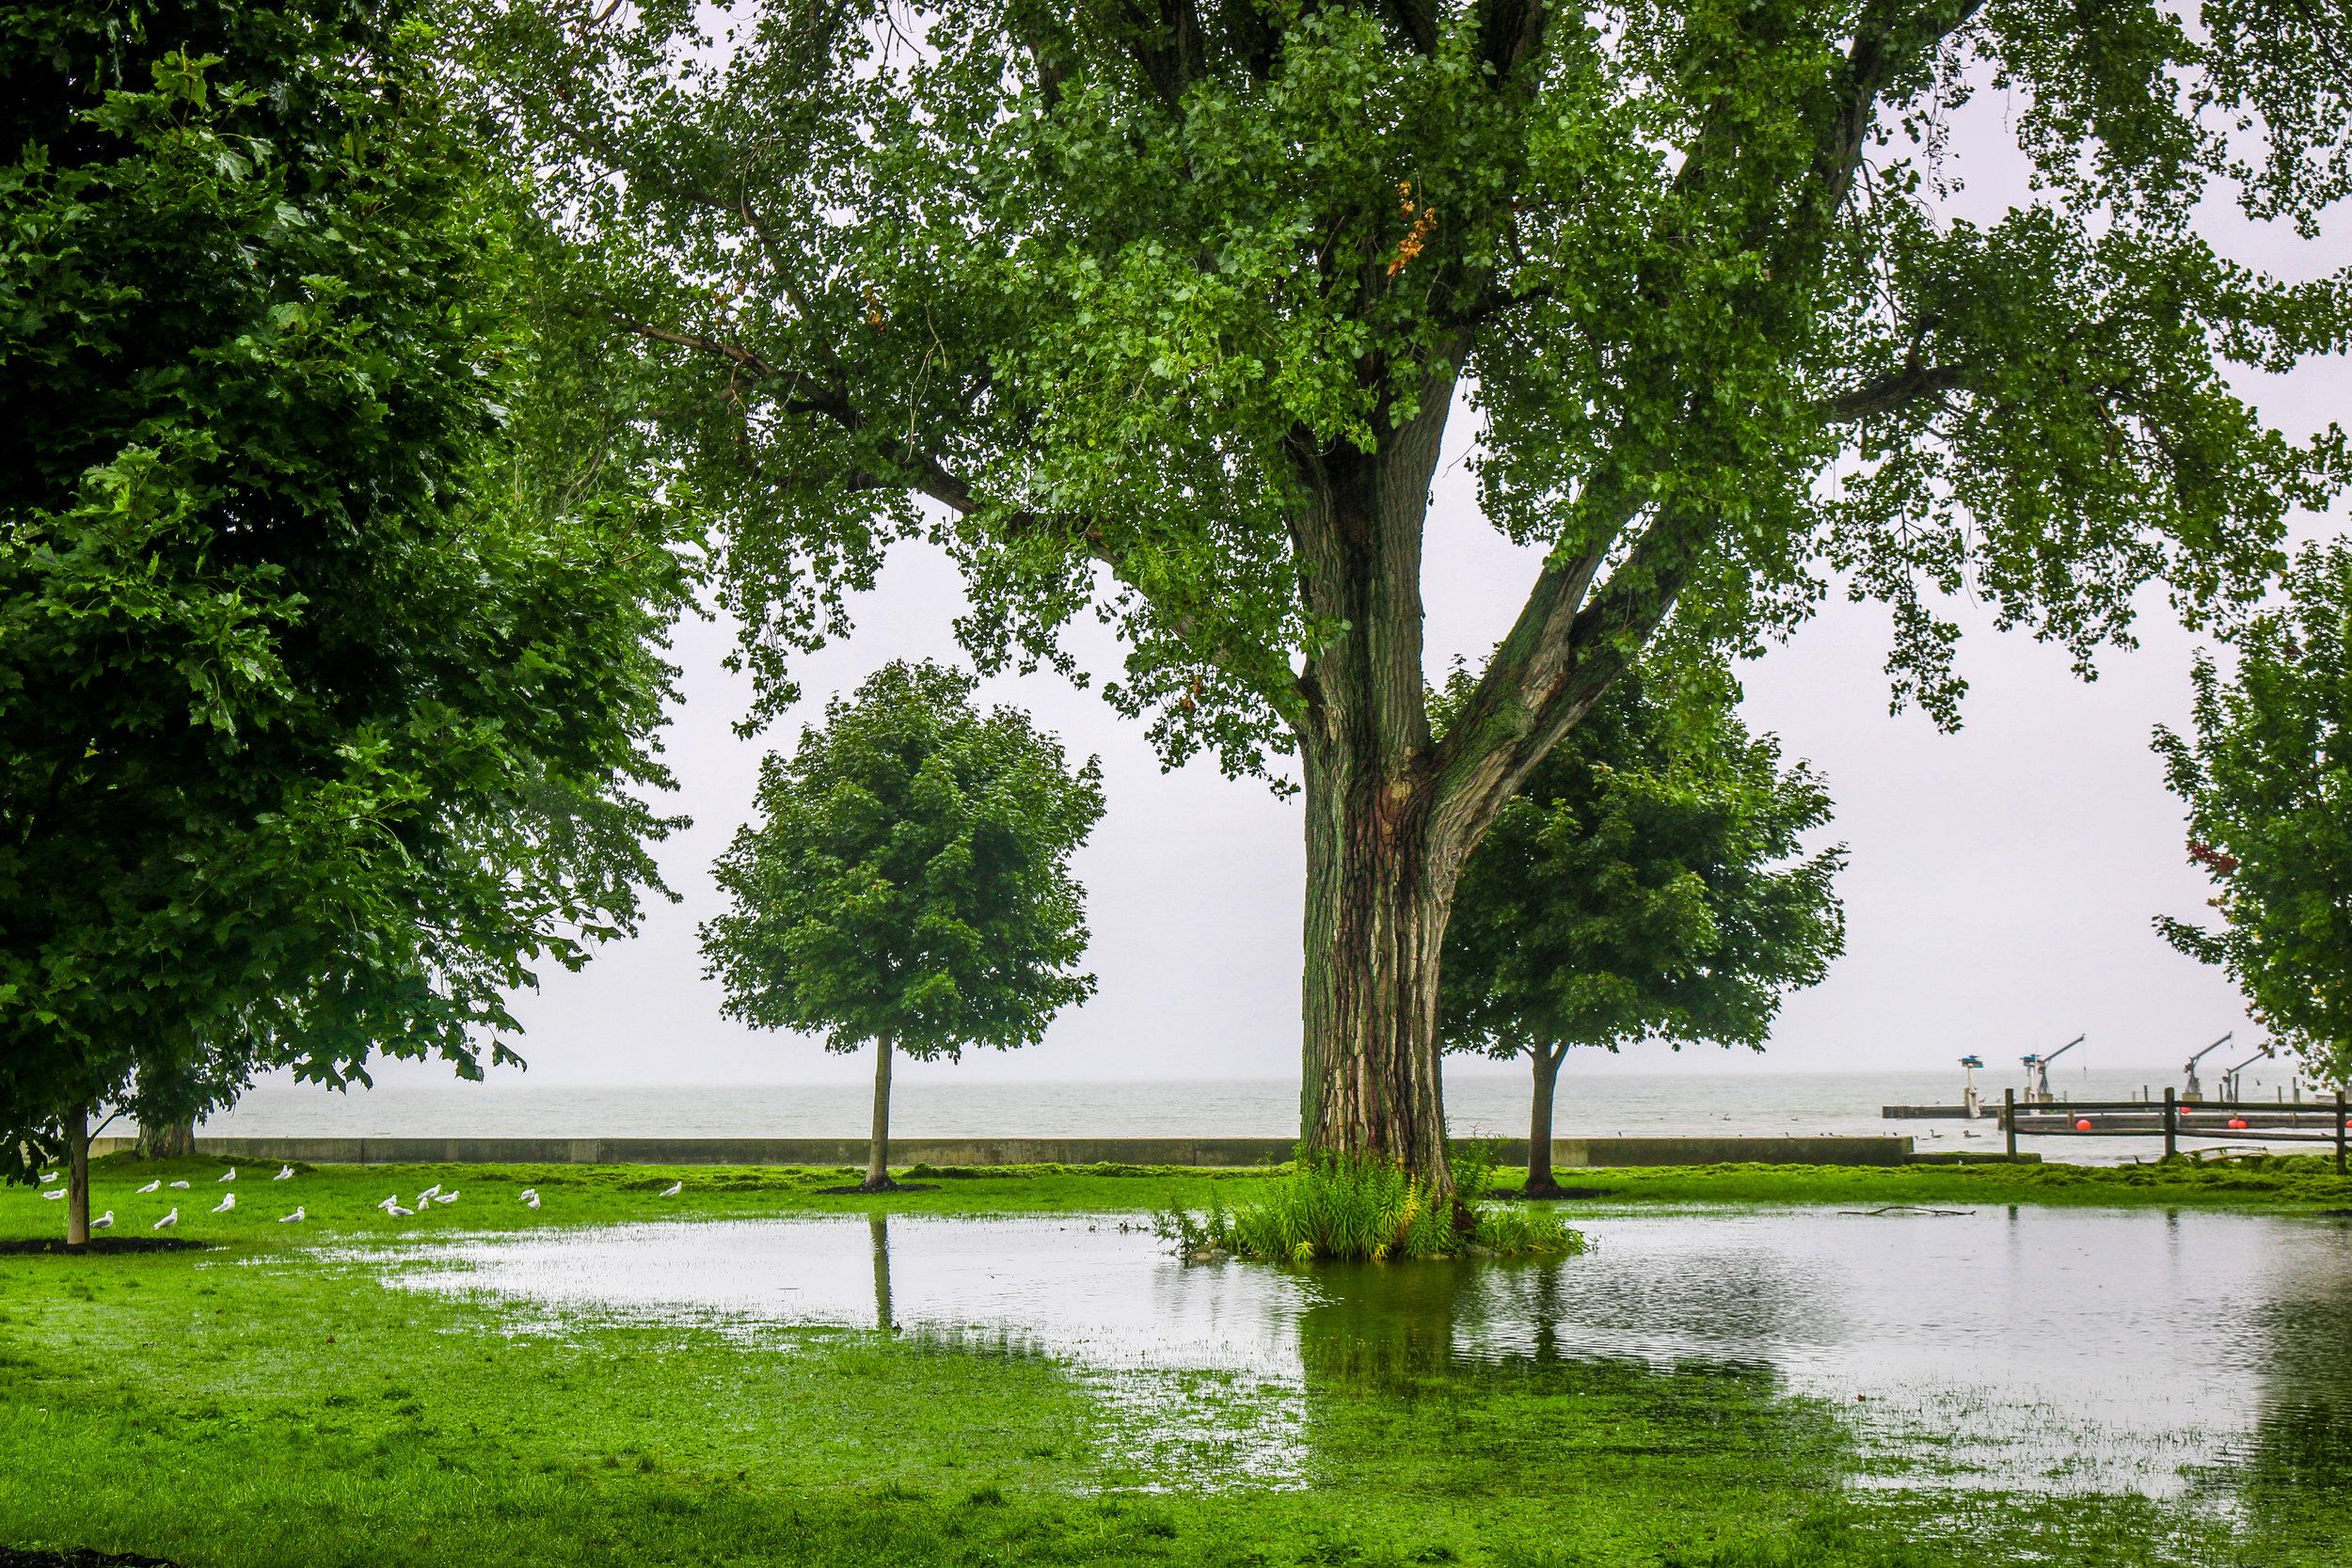 Rain Made a Lake